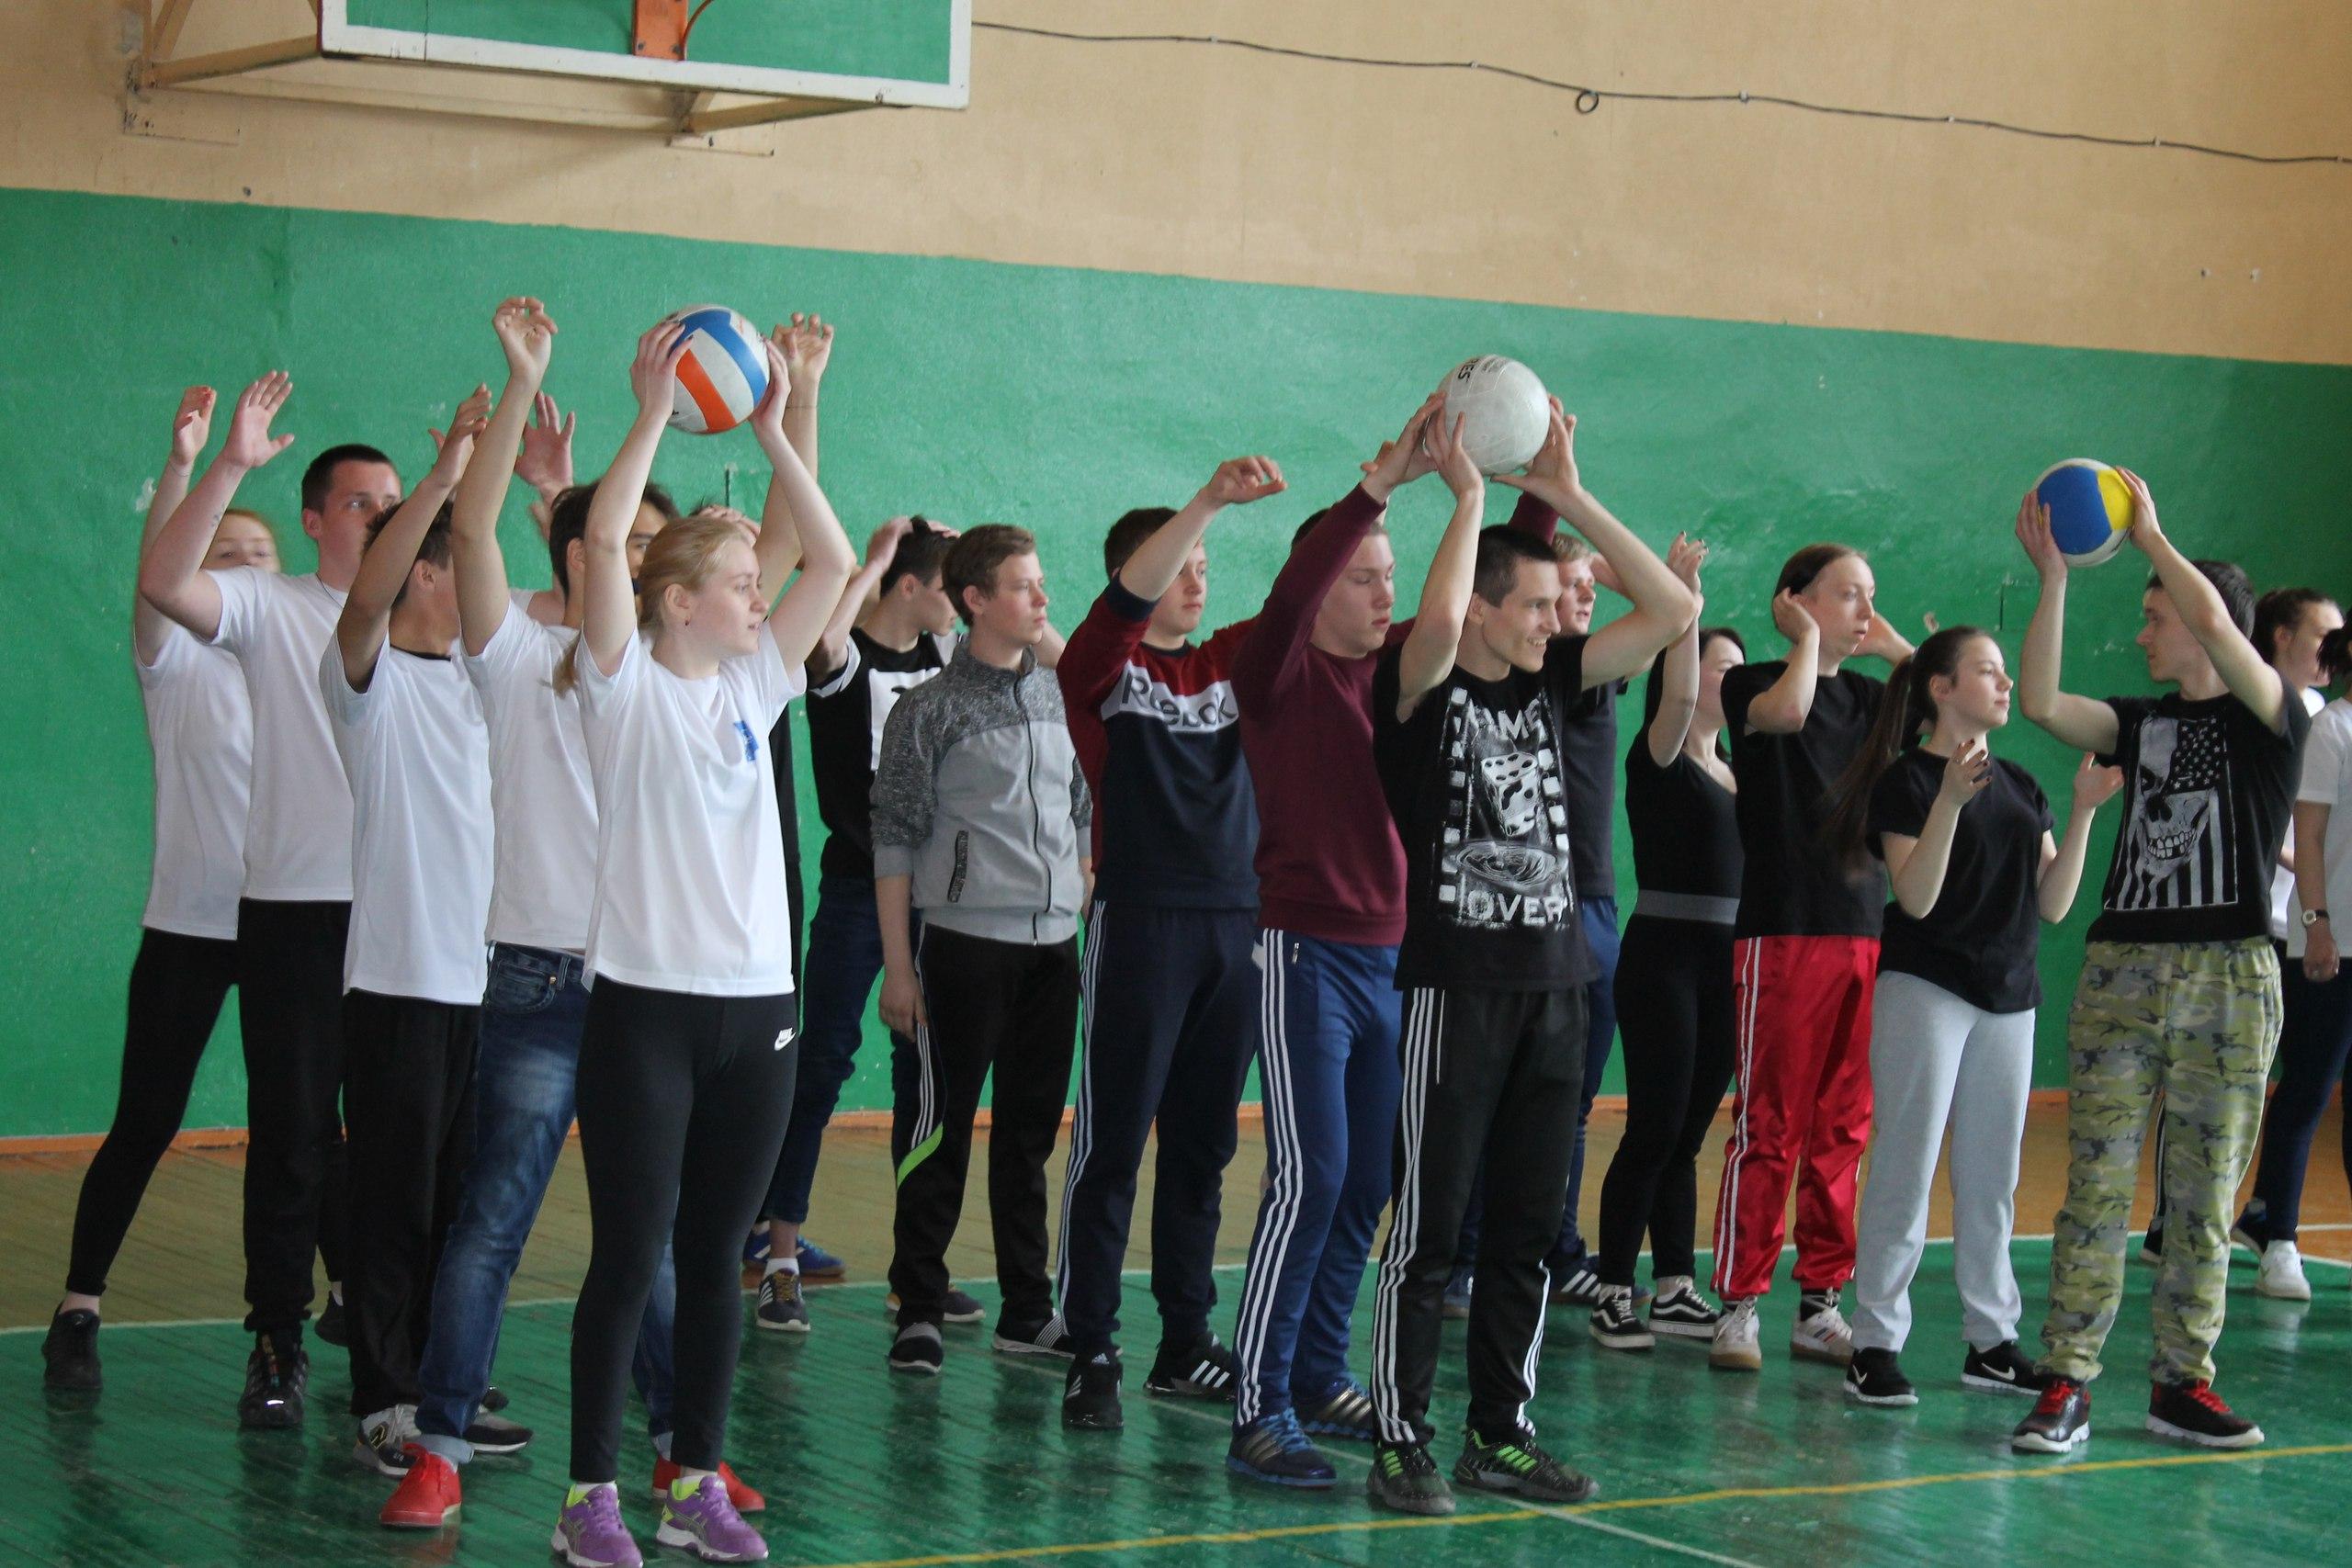 sorevnovanie-gimnastka-prigaet-na-chlen-videorolik-snyat-realnuyu-shlyuhu